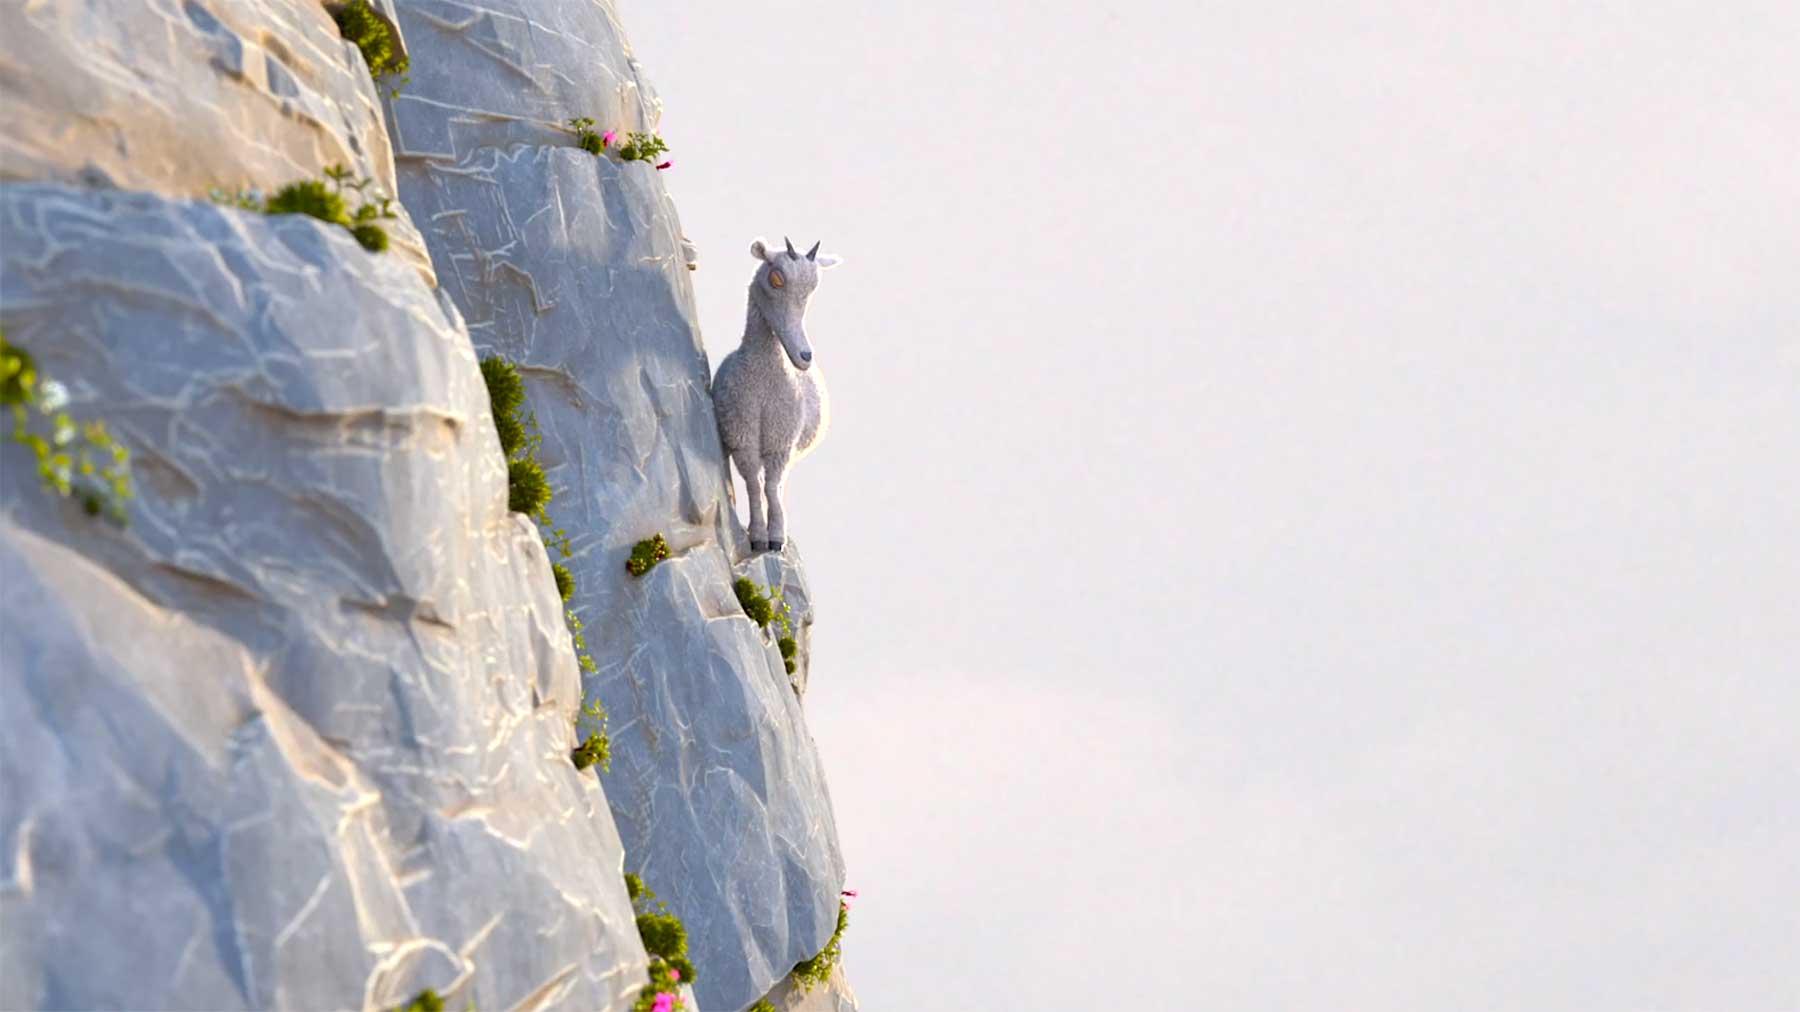 Die Legende von der Ziege, die die wahre Bedeutung des Berges kannte ziege-am-berg-animierter-kurzfilm